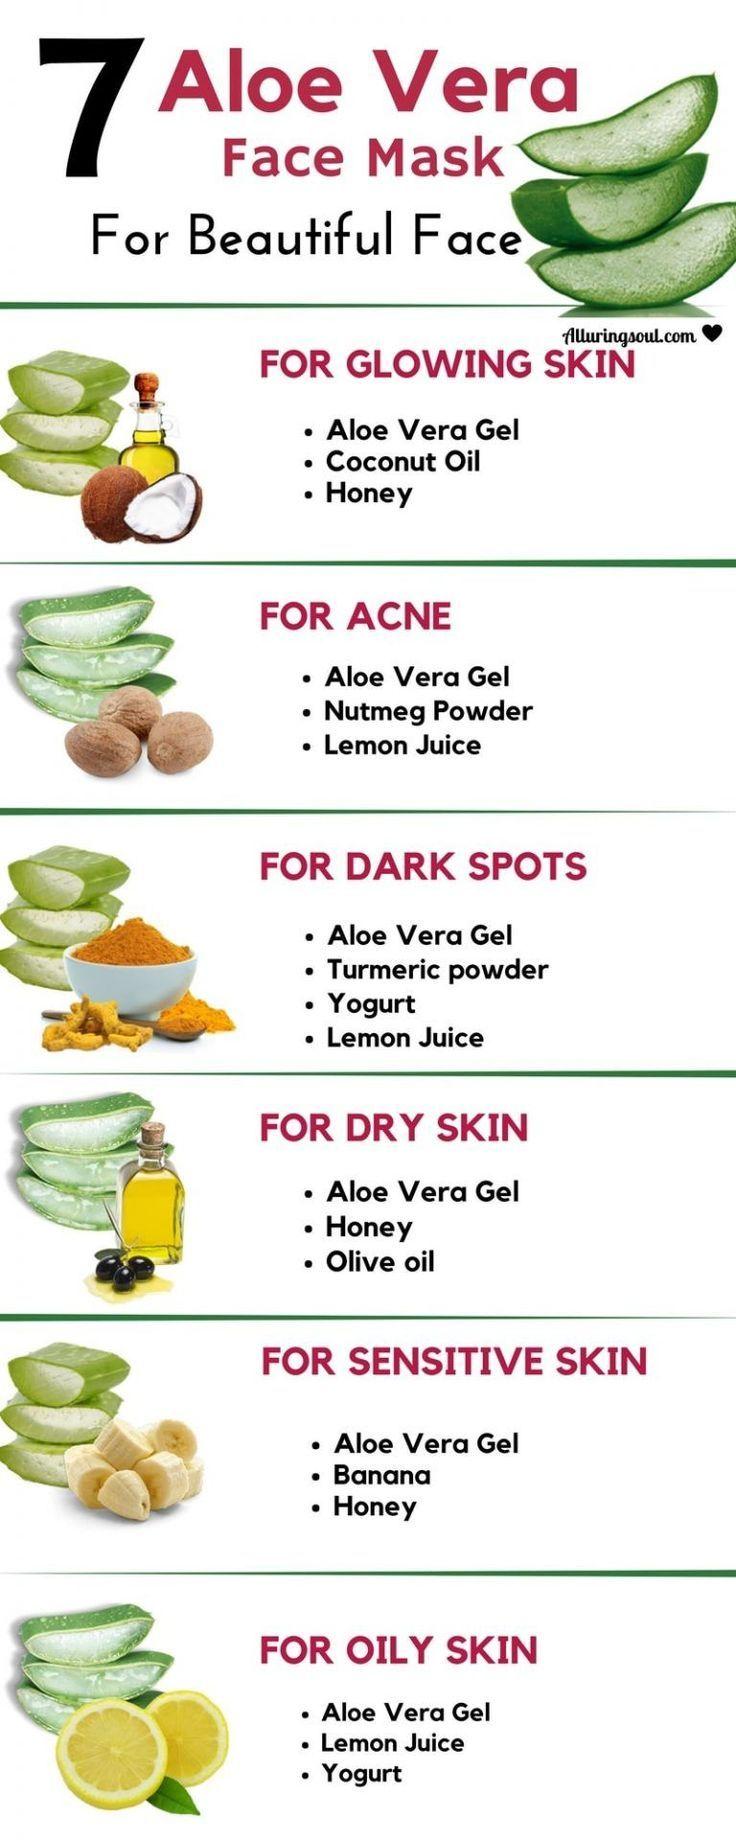 7 Aloe Vera Gesichtsmaske für strahlende und schöne Haut – Hautpflege diy